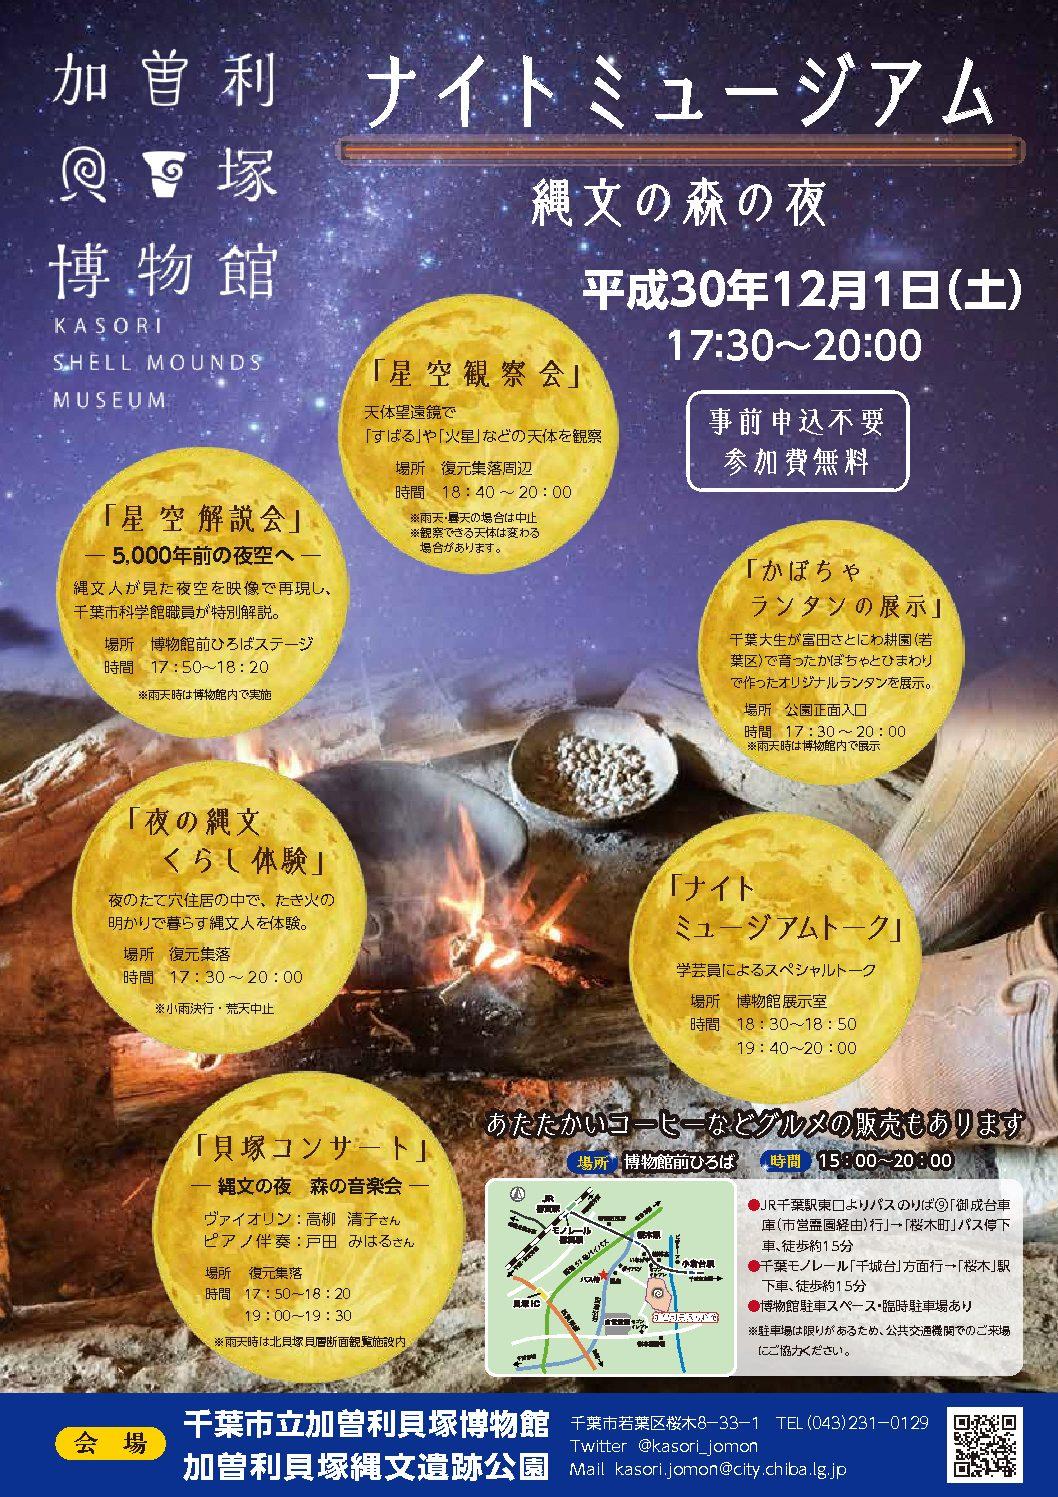 特別史跡加曽利貝塚で「ナイトミュージアム」を開催します